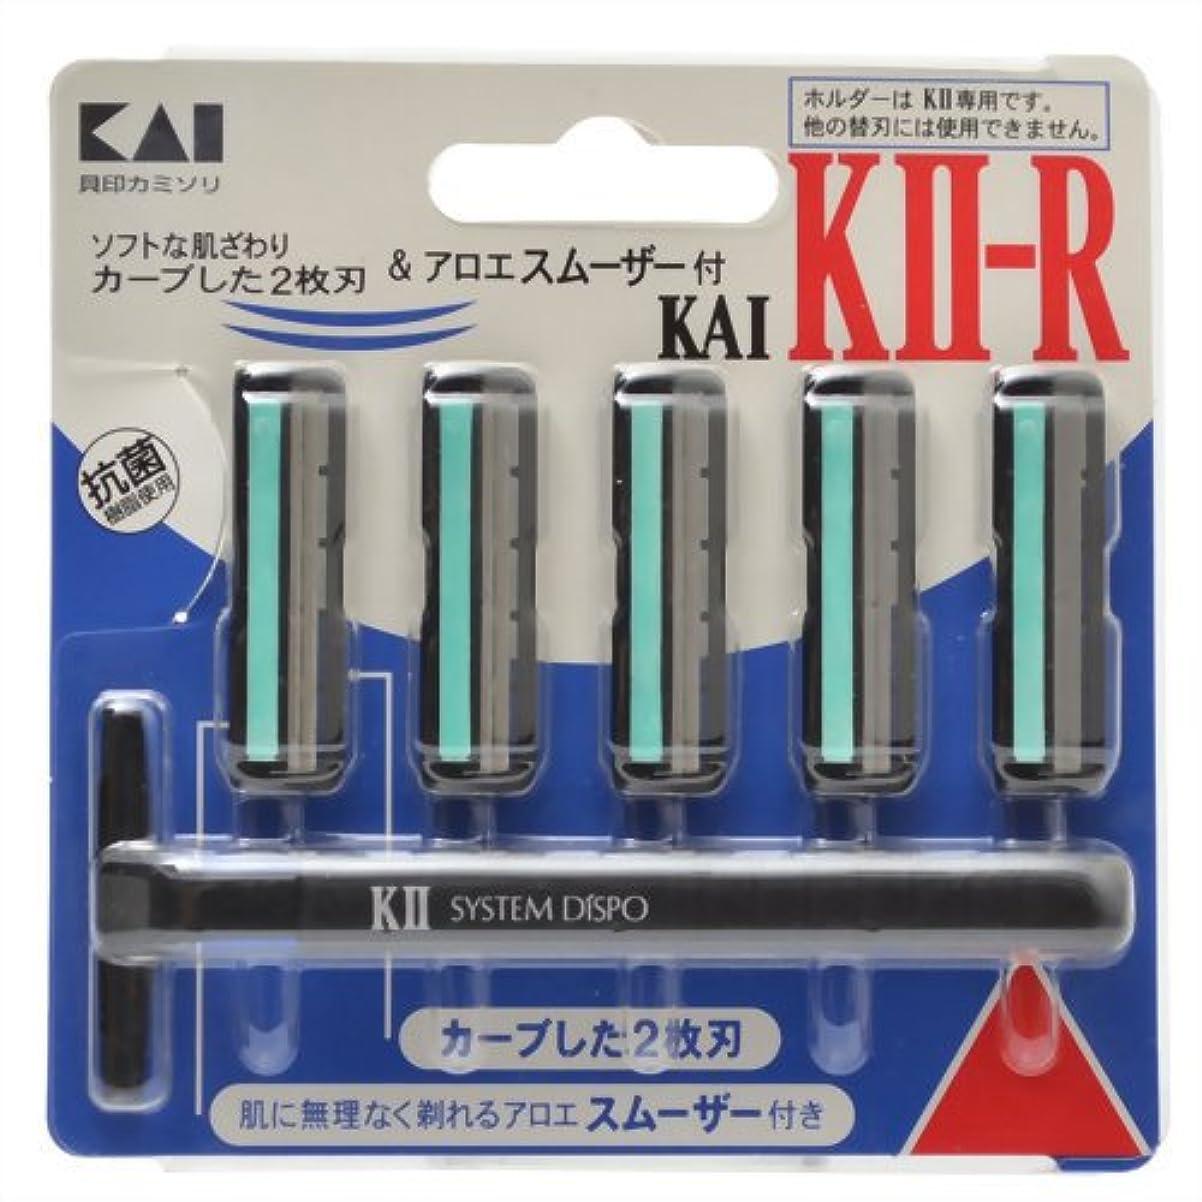 トランジスタ喉が渇いた幻想貝印 KAI KII-R ひげそり用カミソリ アロエスムーザー付